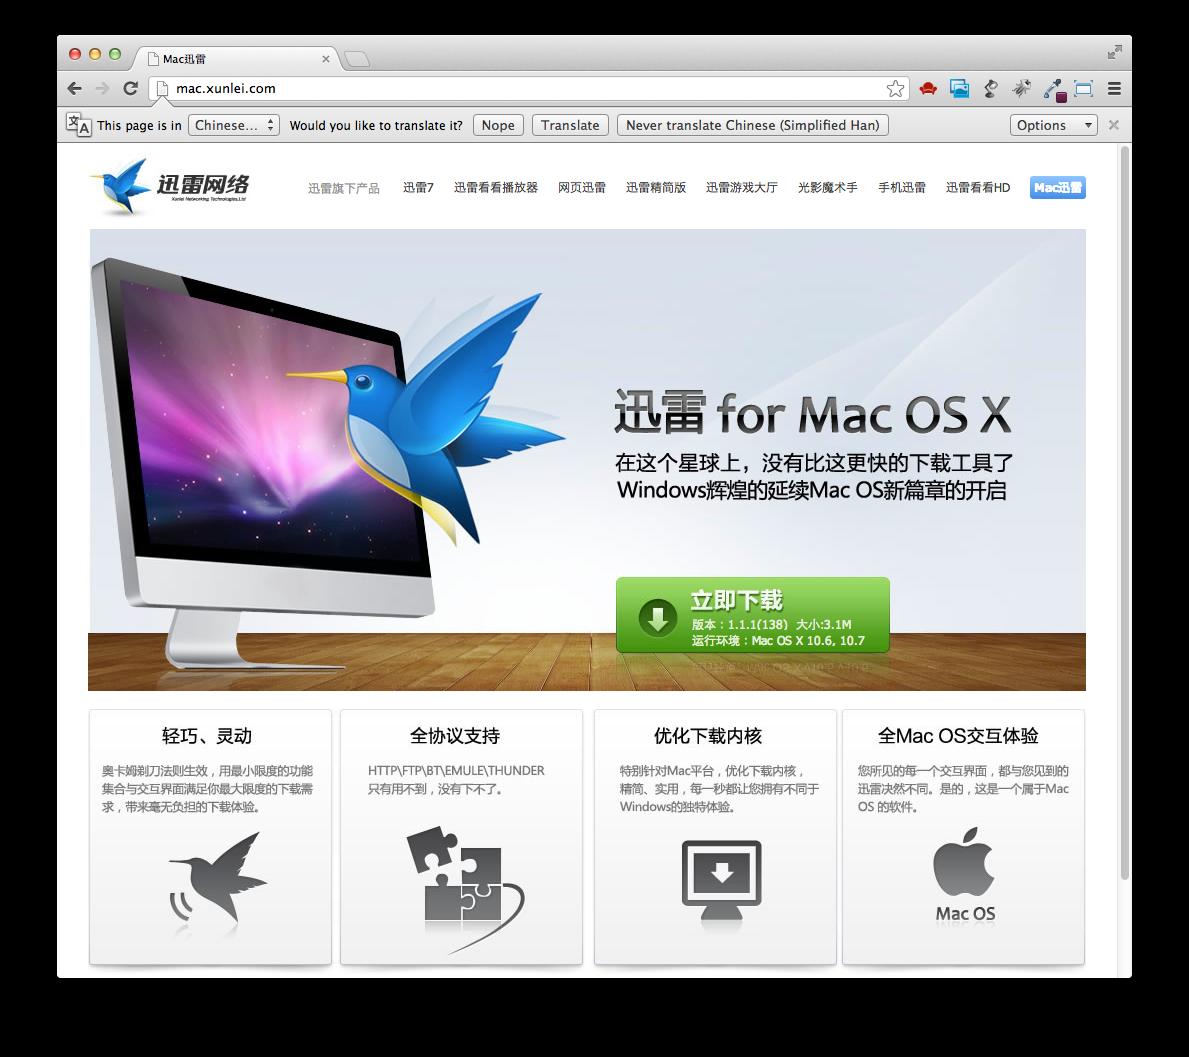 玩物尚誌: 美觀好用的免費資源下載工具 - 迅雷 for Mac OS X